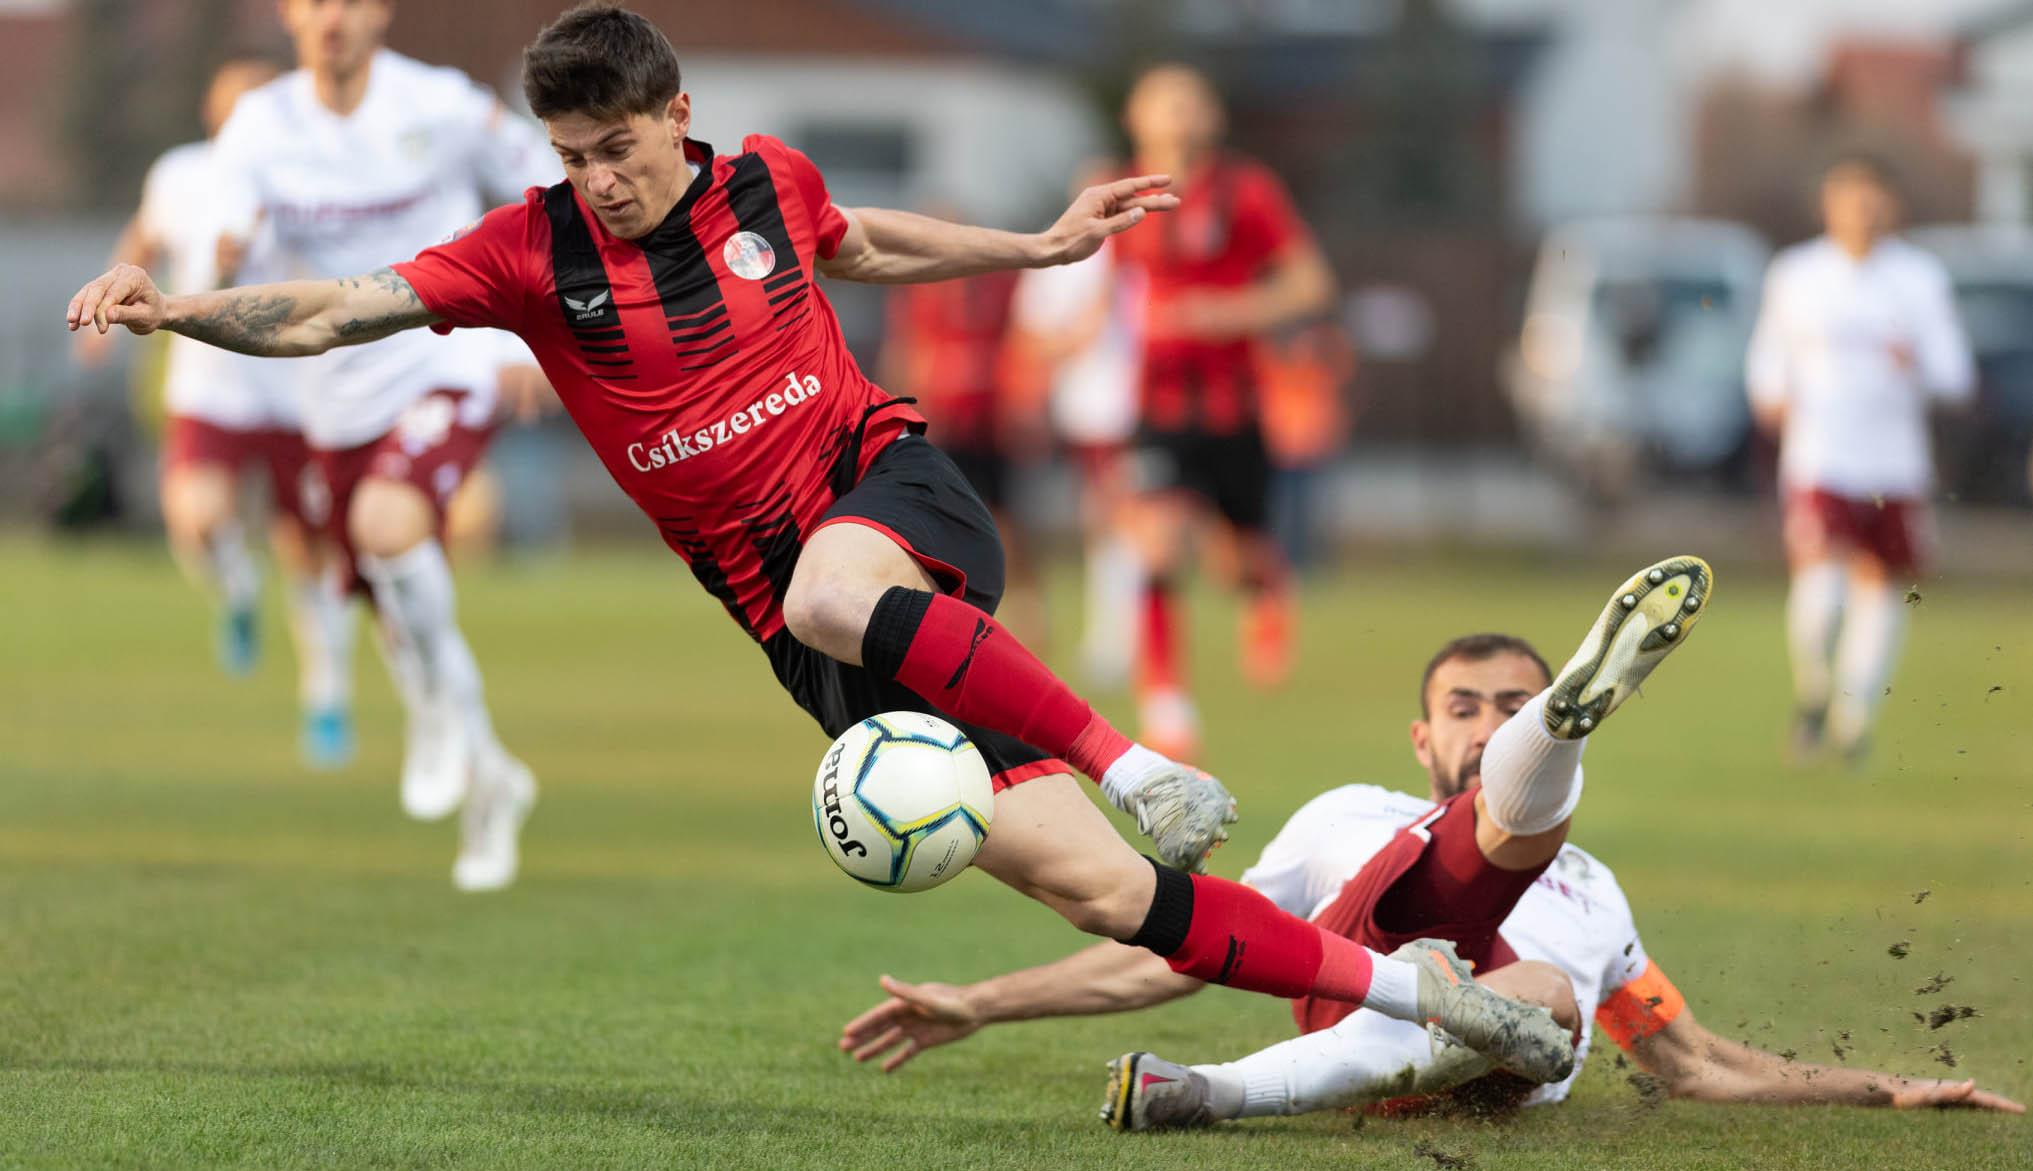 Vereséggel kezdett az FK Csíkszereda